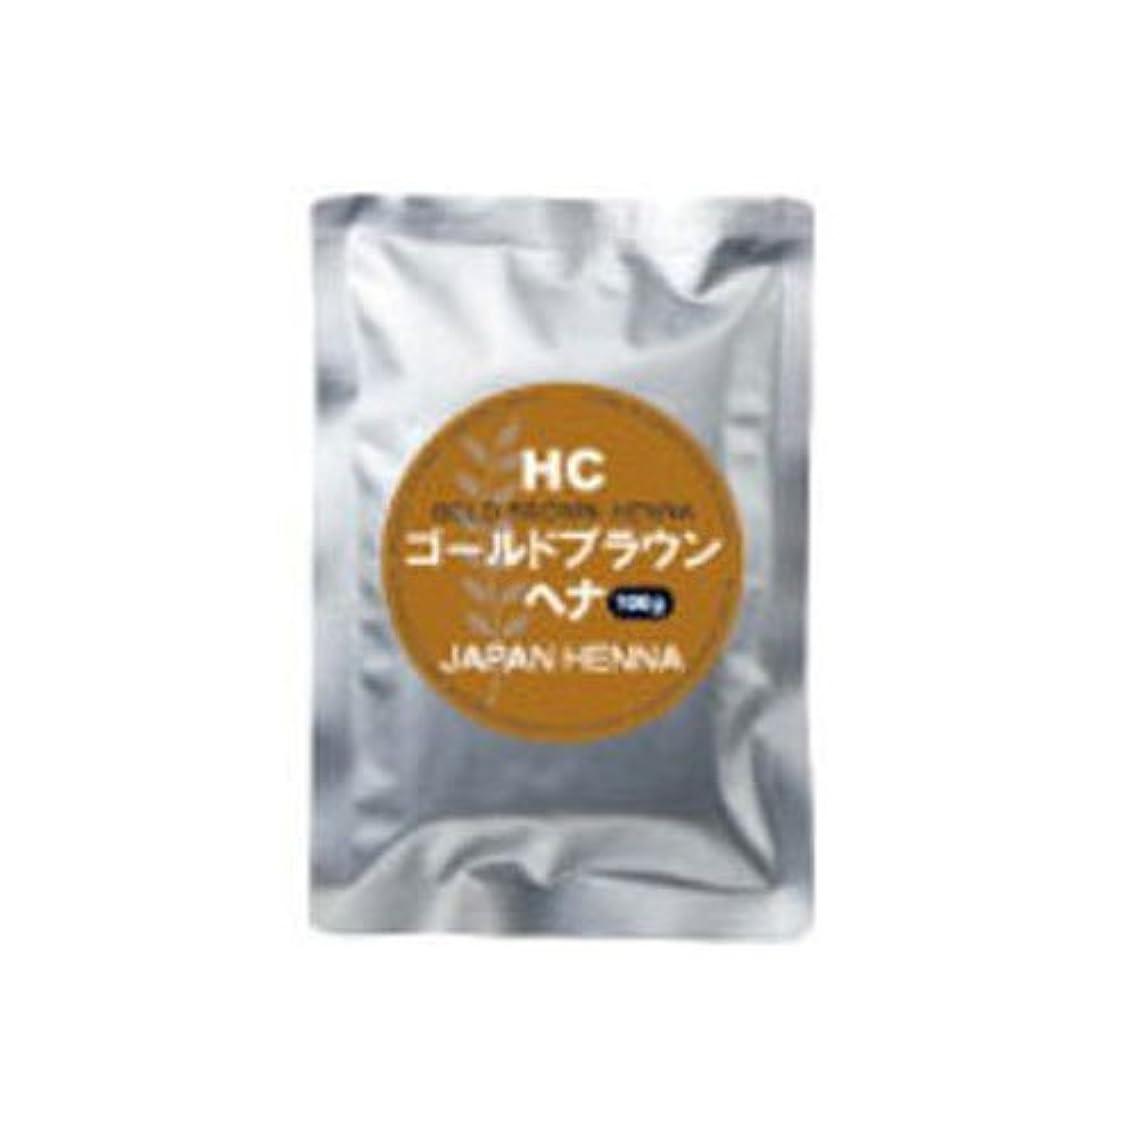 洗う不毛療法ジャパンヘナ ゴールドブラウントリートメント 100g